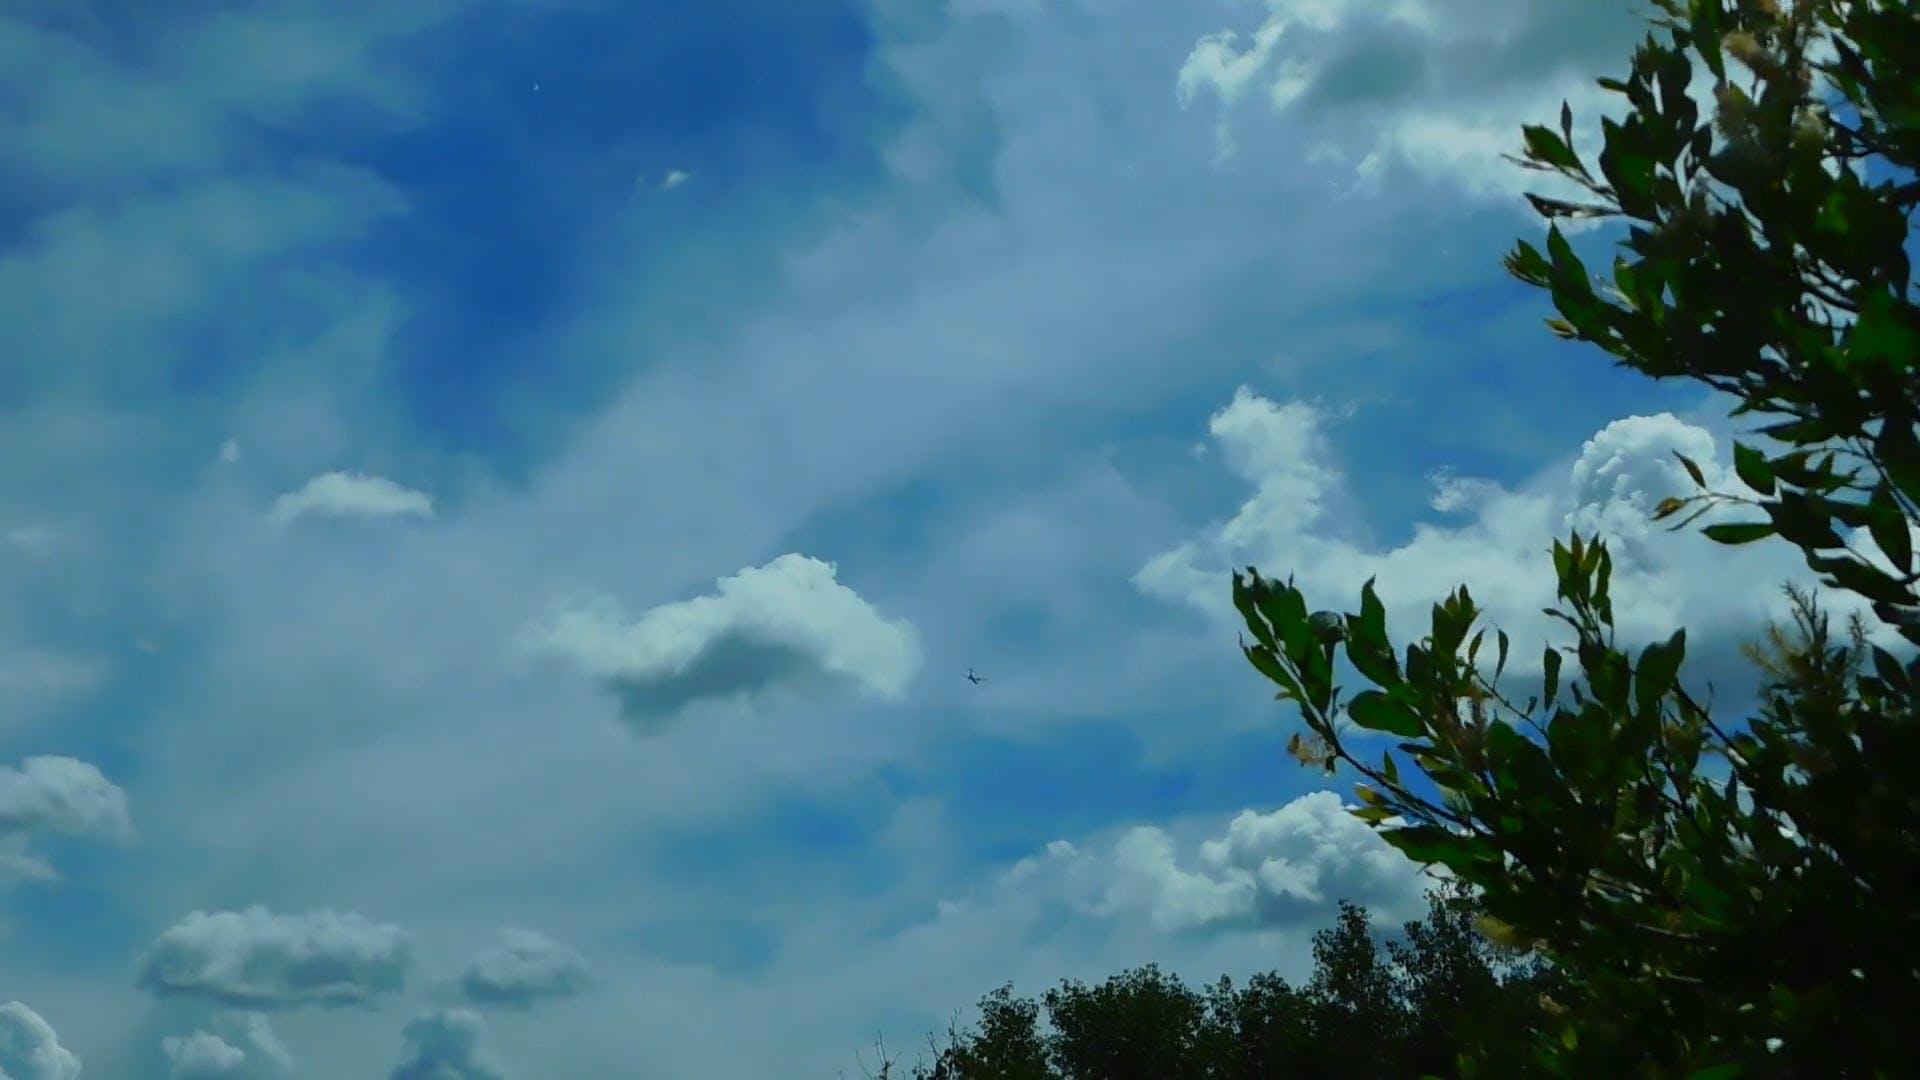 Video Of Sky